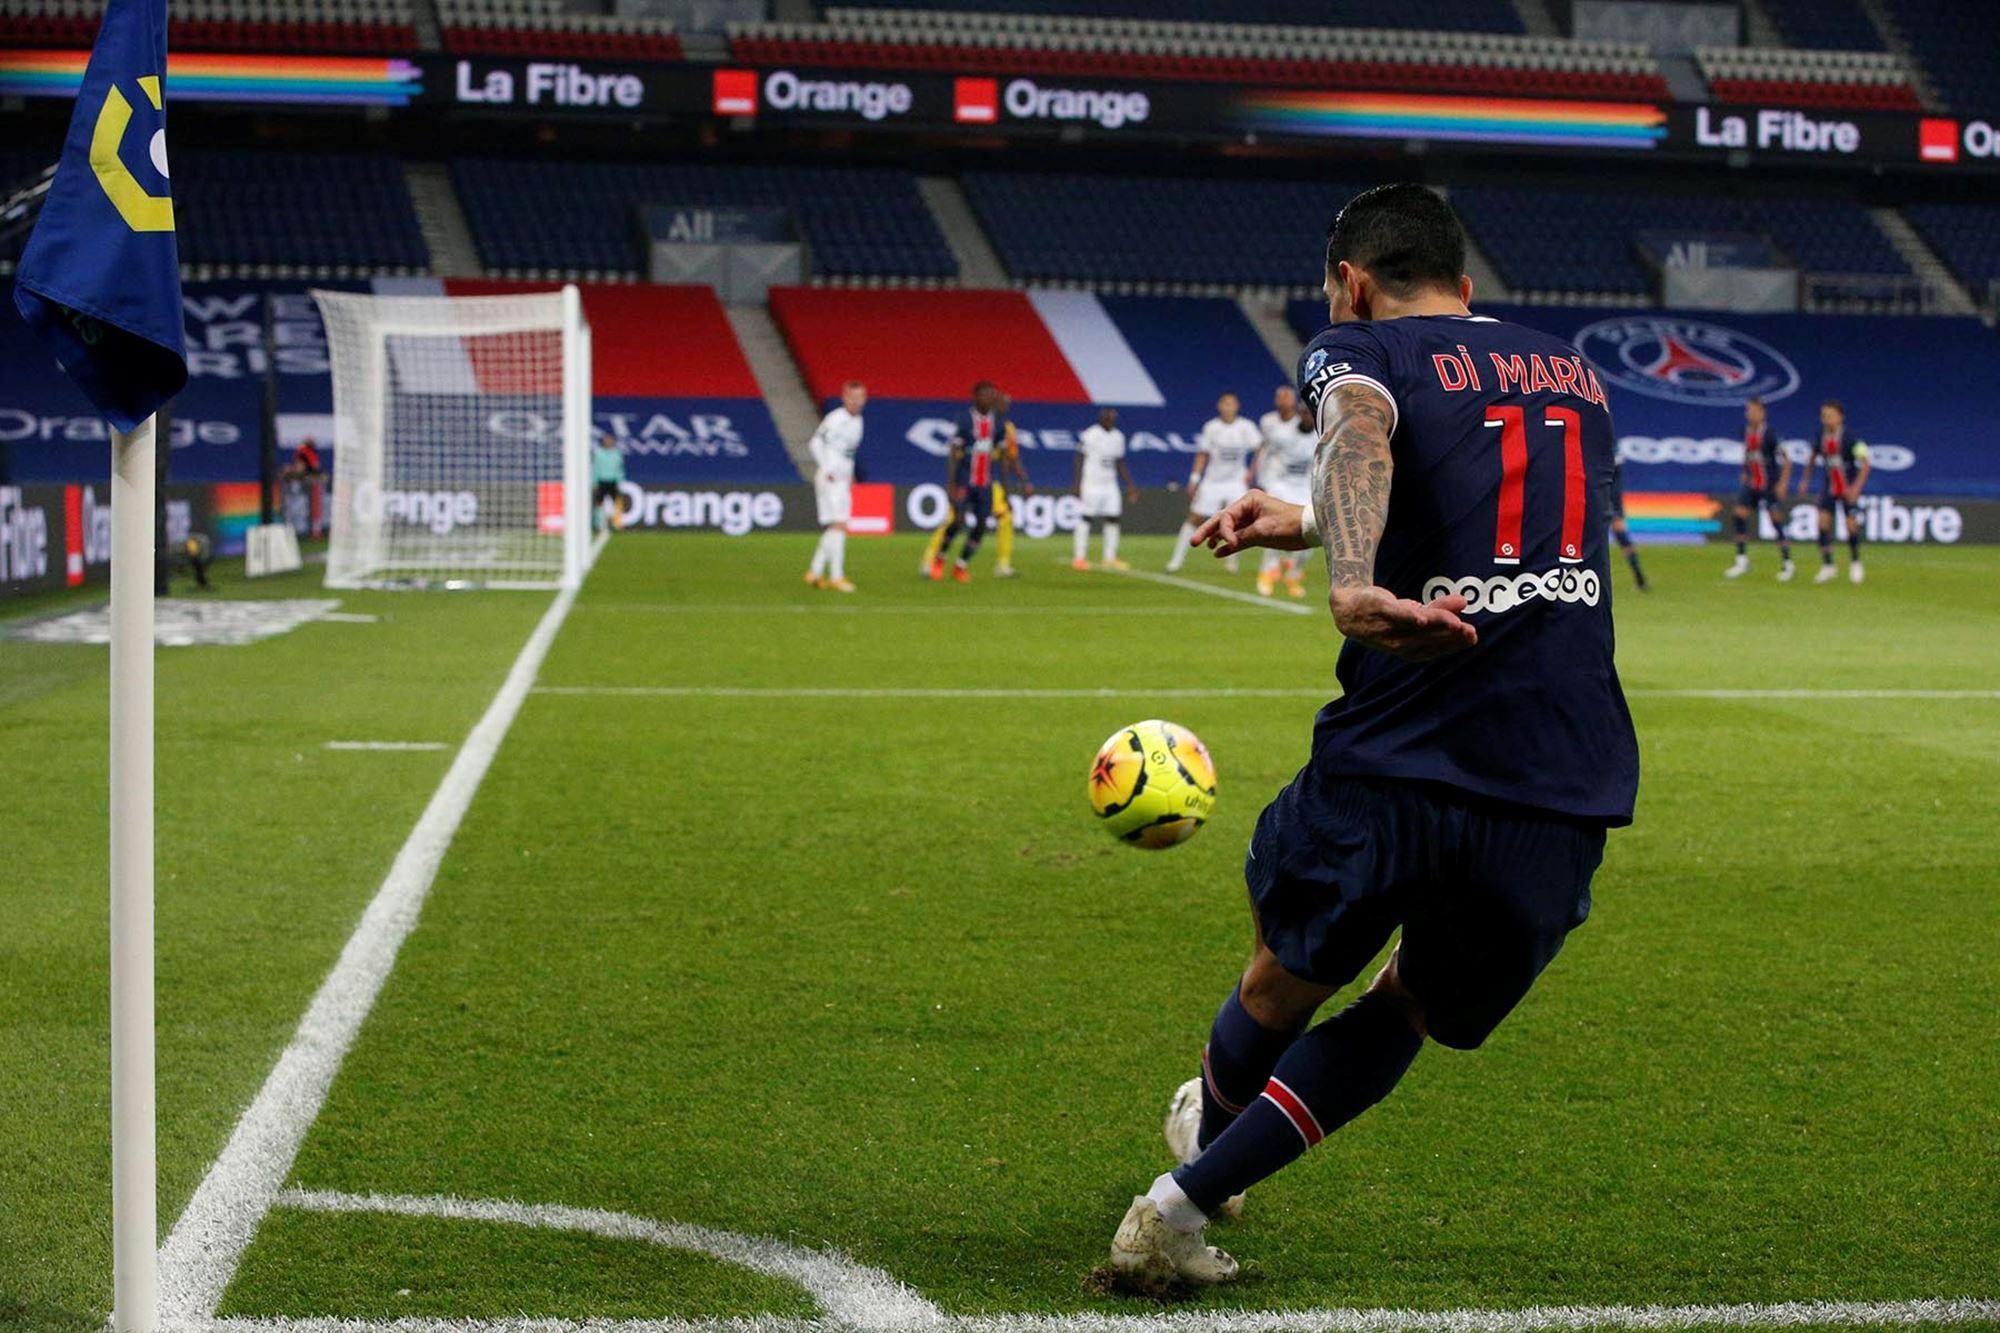 PSG - Rennes 3-0, 07/11/20, Ligue 1 20-21 - Histoire du #PSG